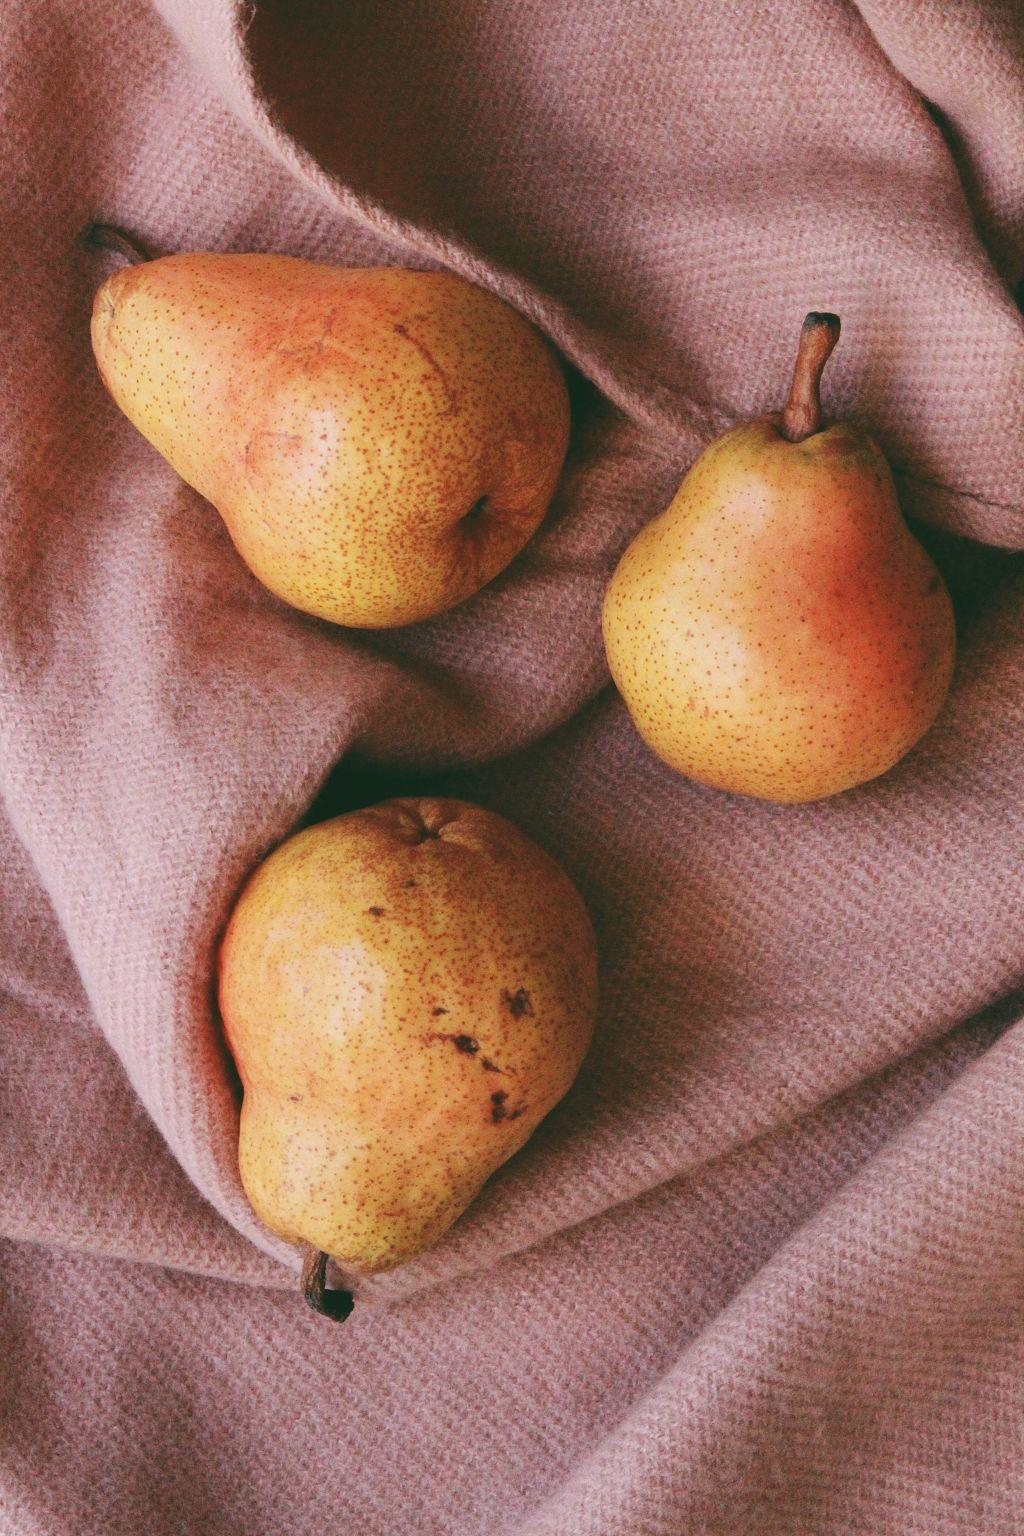 fruits-juicy-pears-2987077